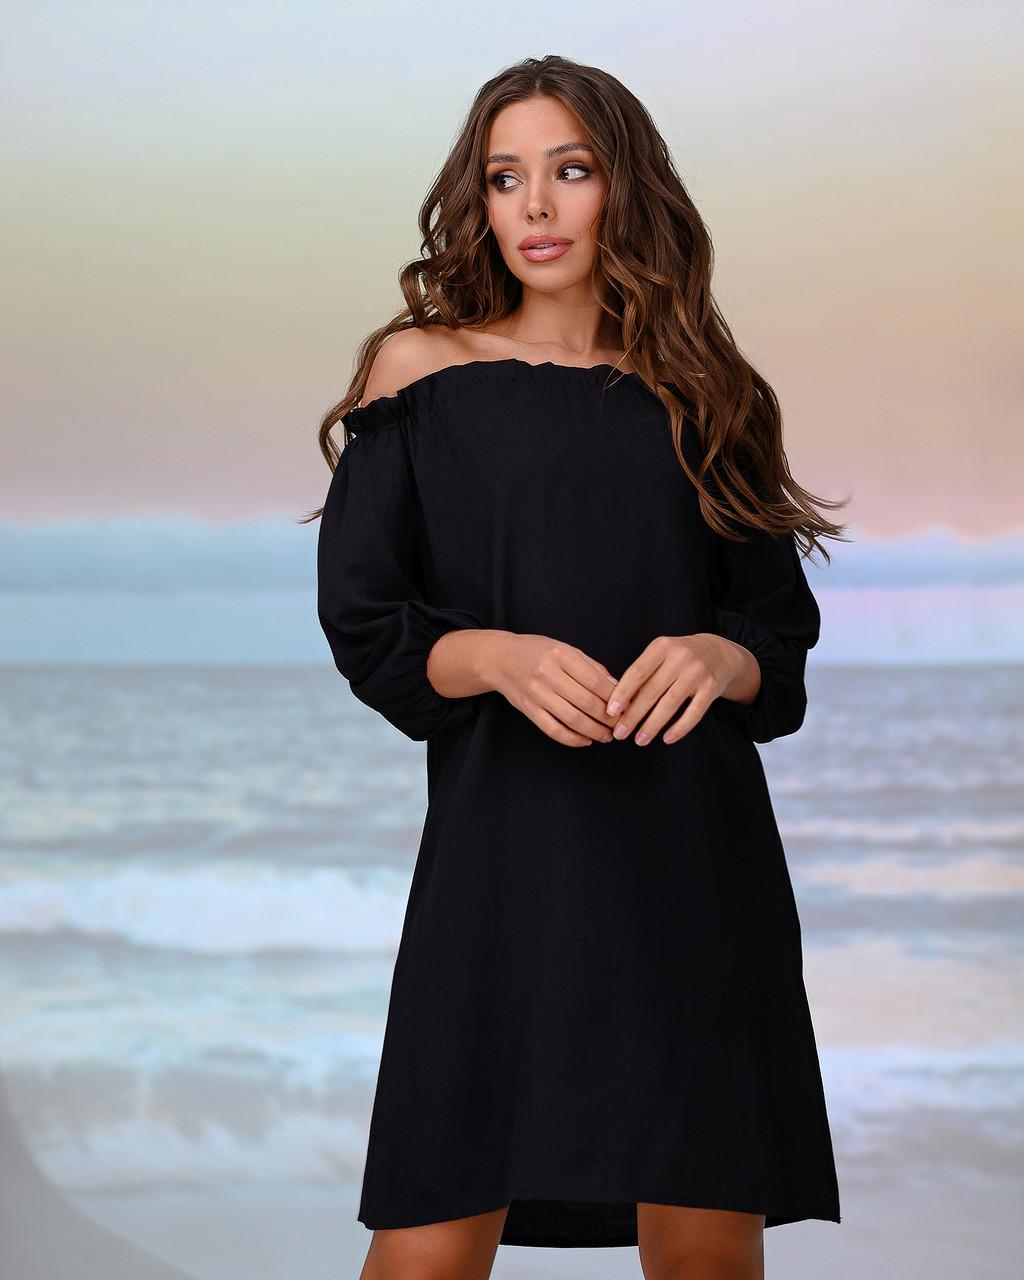 Короткая пляжная туника со спущенными плечами . Цвет черный. Размер 46-48